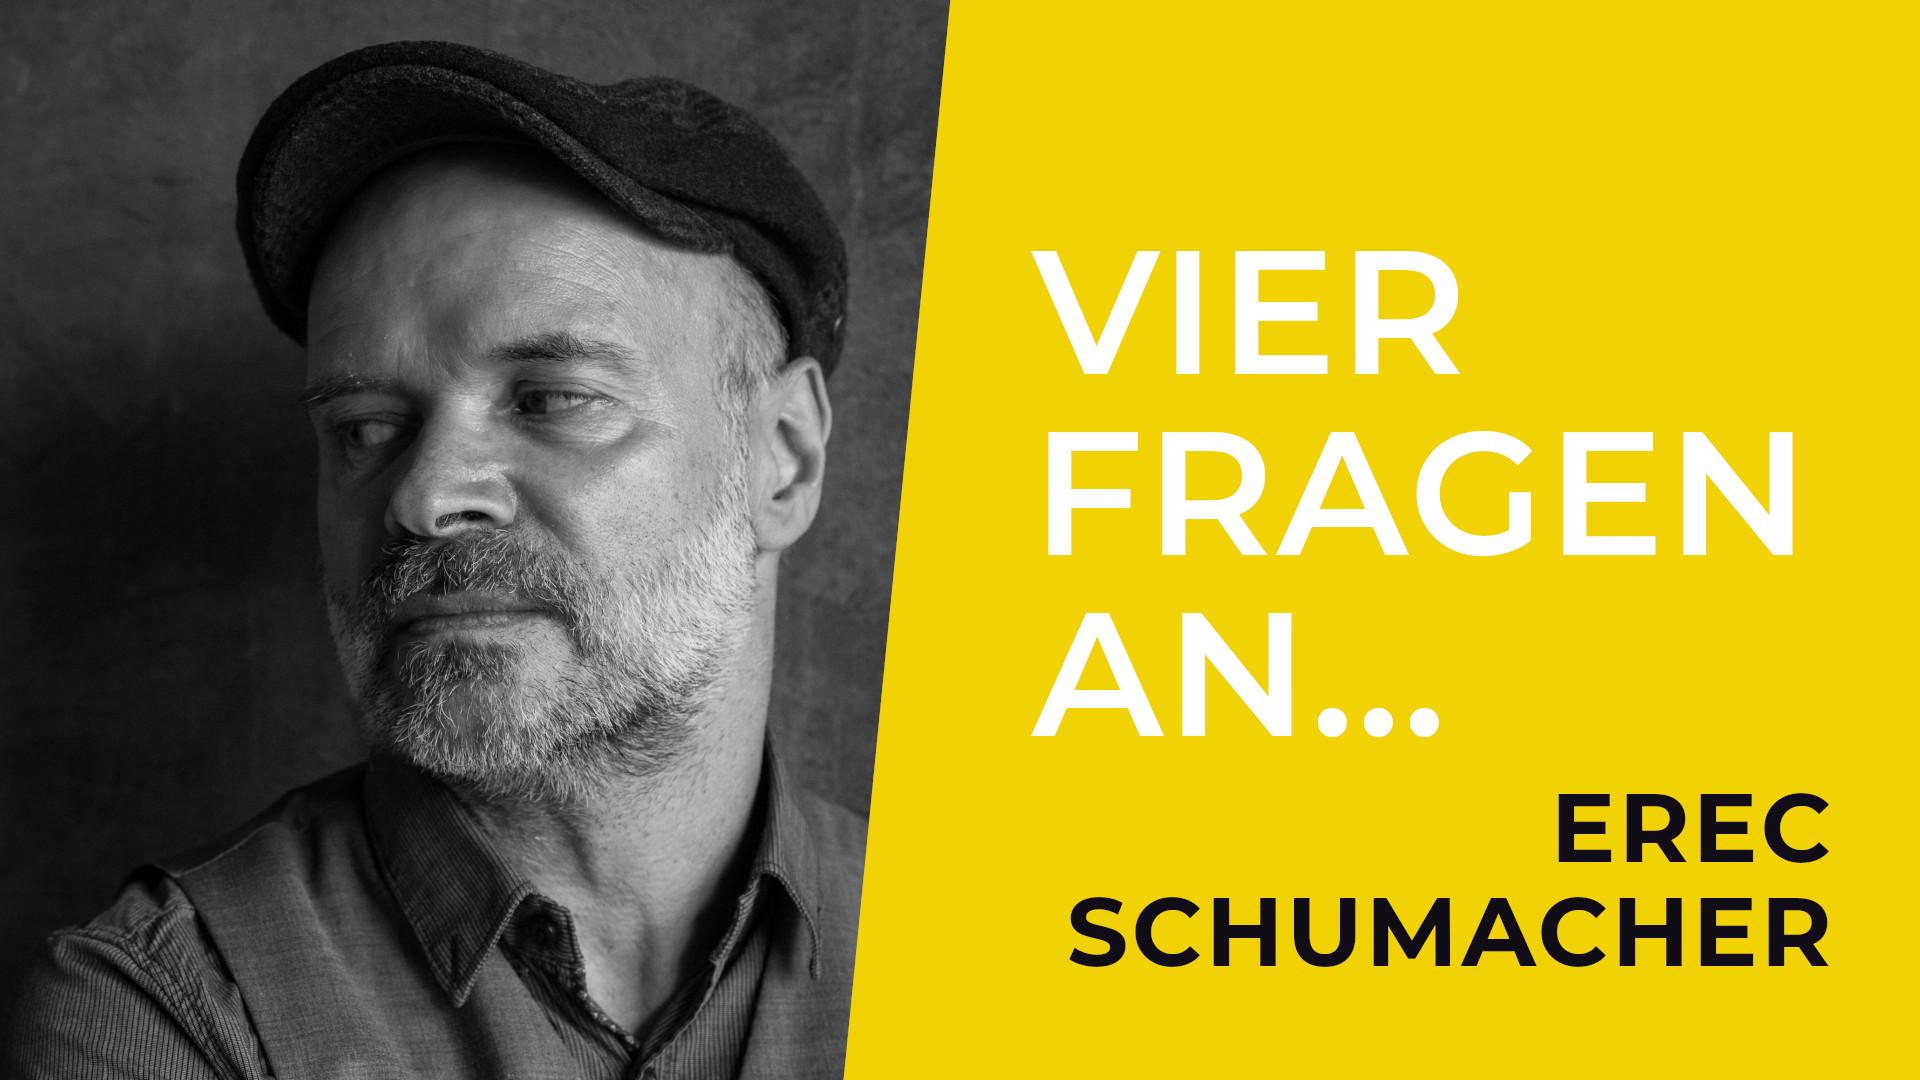 Vier Fragen an... Erec Schumacher